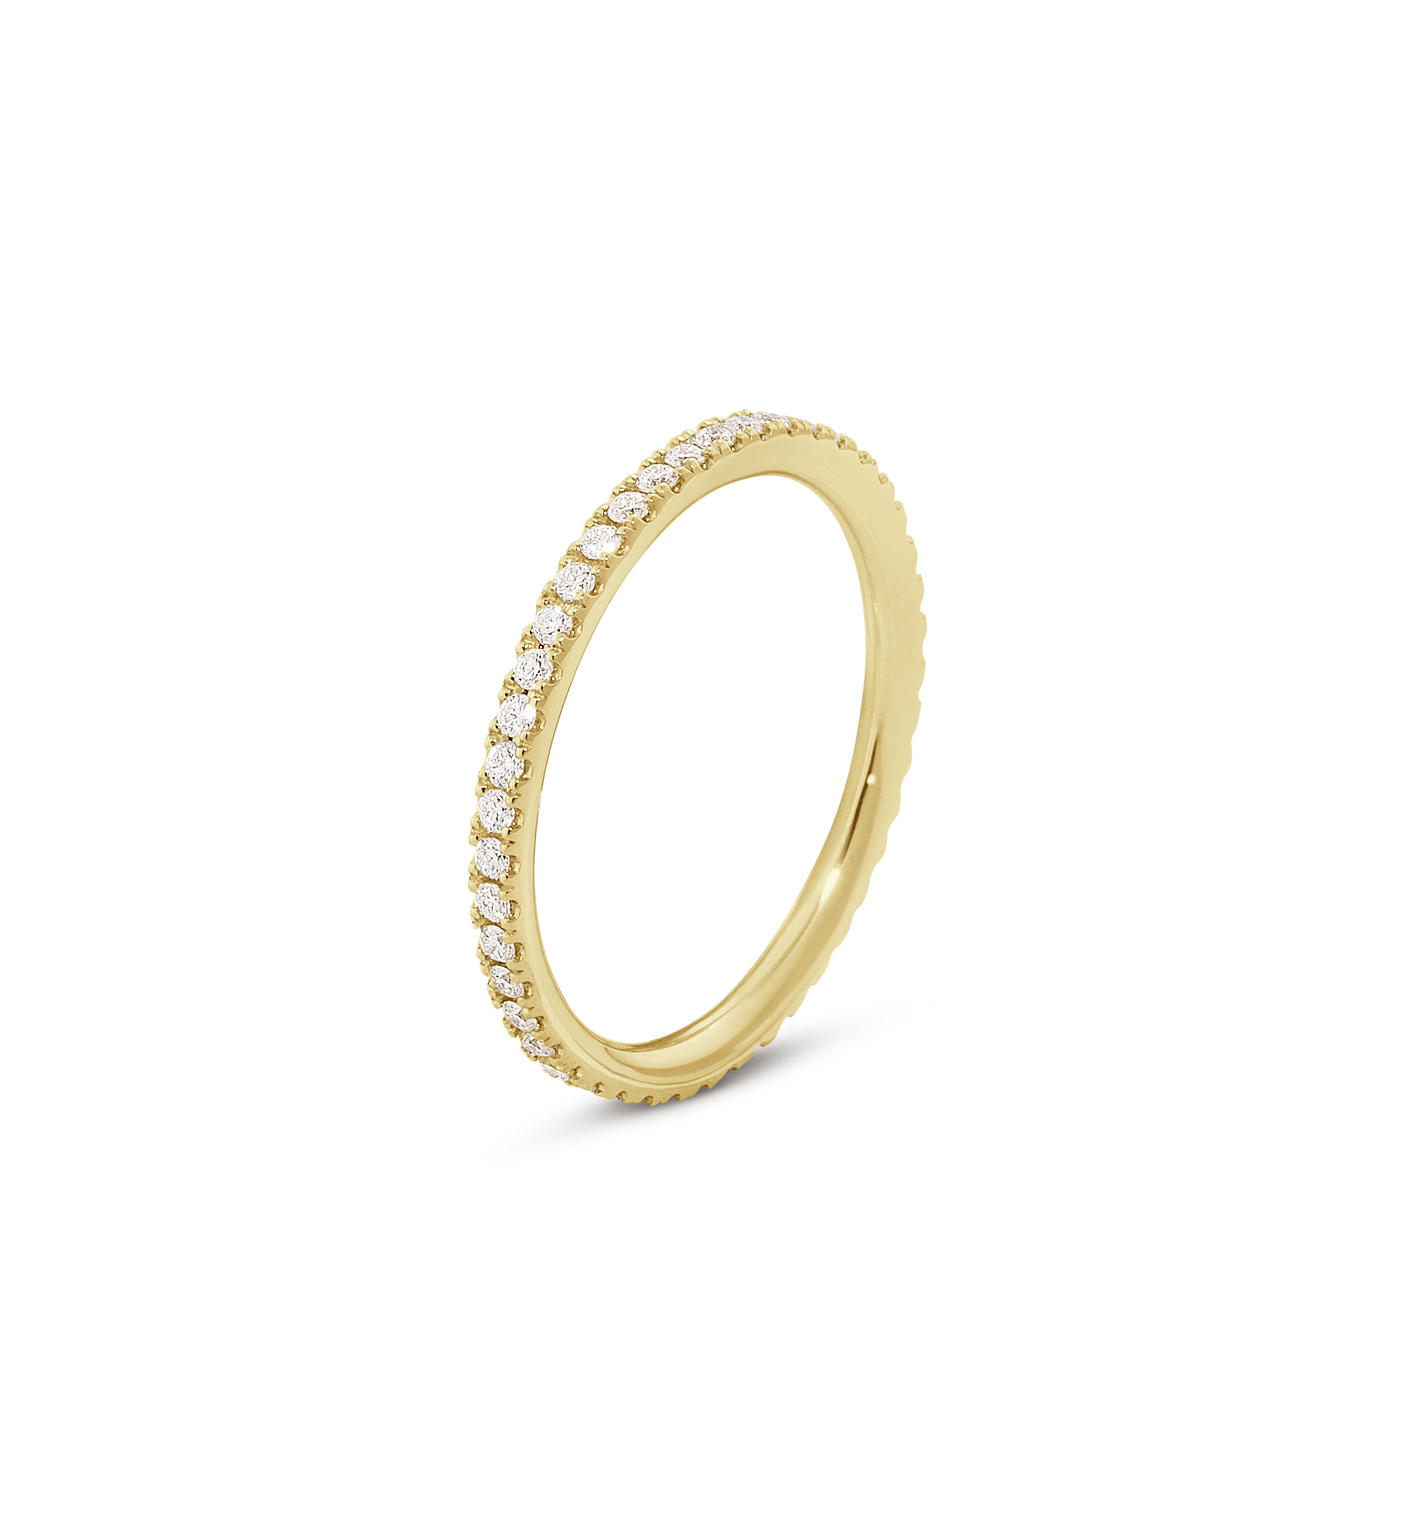 Georg jensen aurora ring - 3572720 18 kt rdg / ialt 0,25 ct 58 fra georg jensen - smykker fra brodersen + kobborg